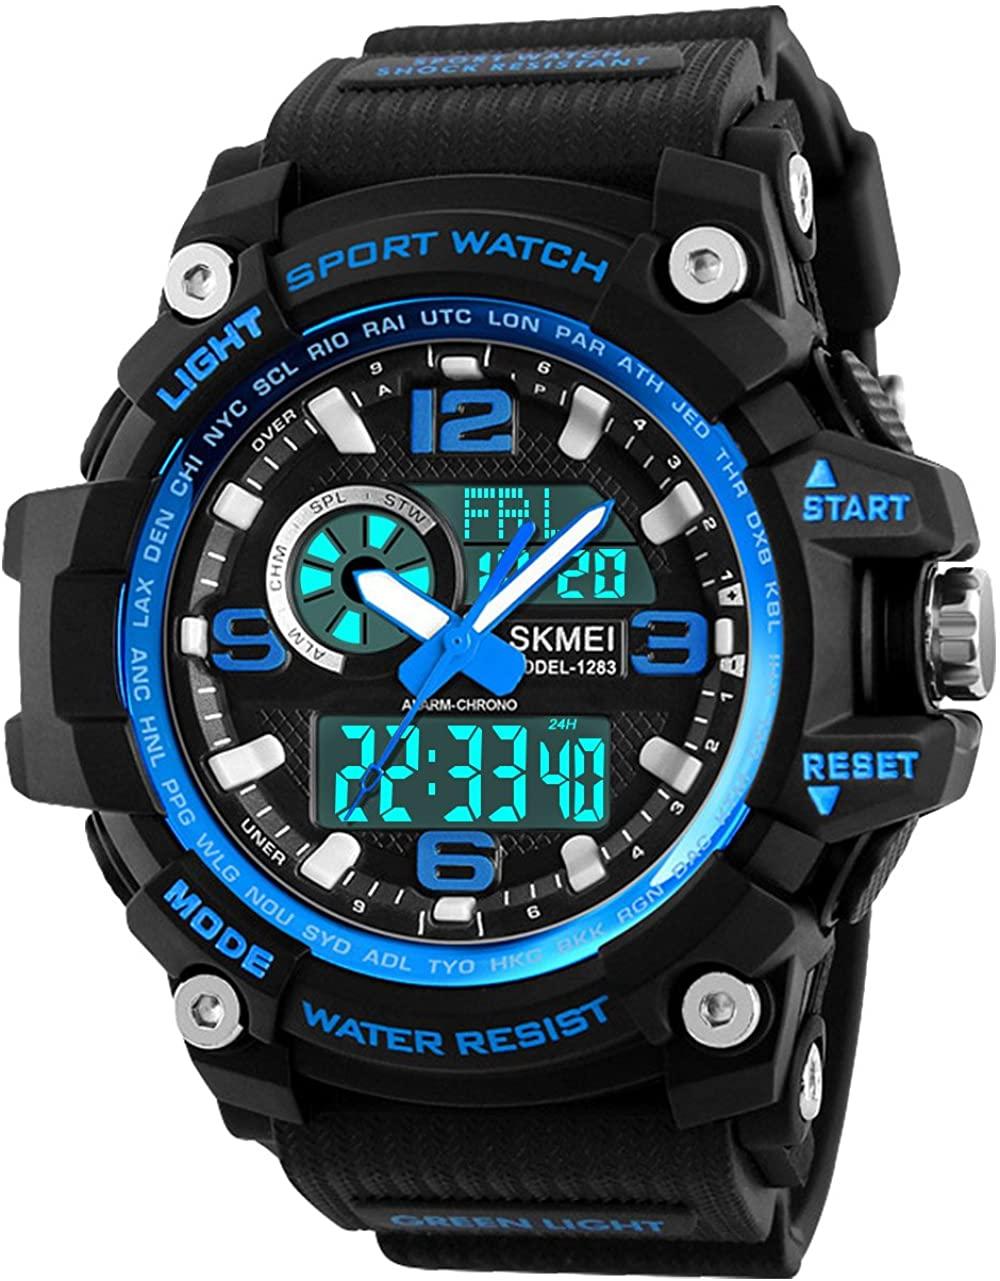 Relojes Deportivos para Hombre, Resistente al Agua Digital Militares Relojes con Cuenta atrás para los Hombres niños Grandes,LED de analógico Relojes de Pulsera para Hombre Azul BHGWR